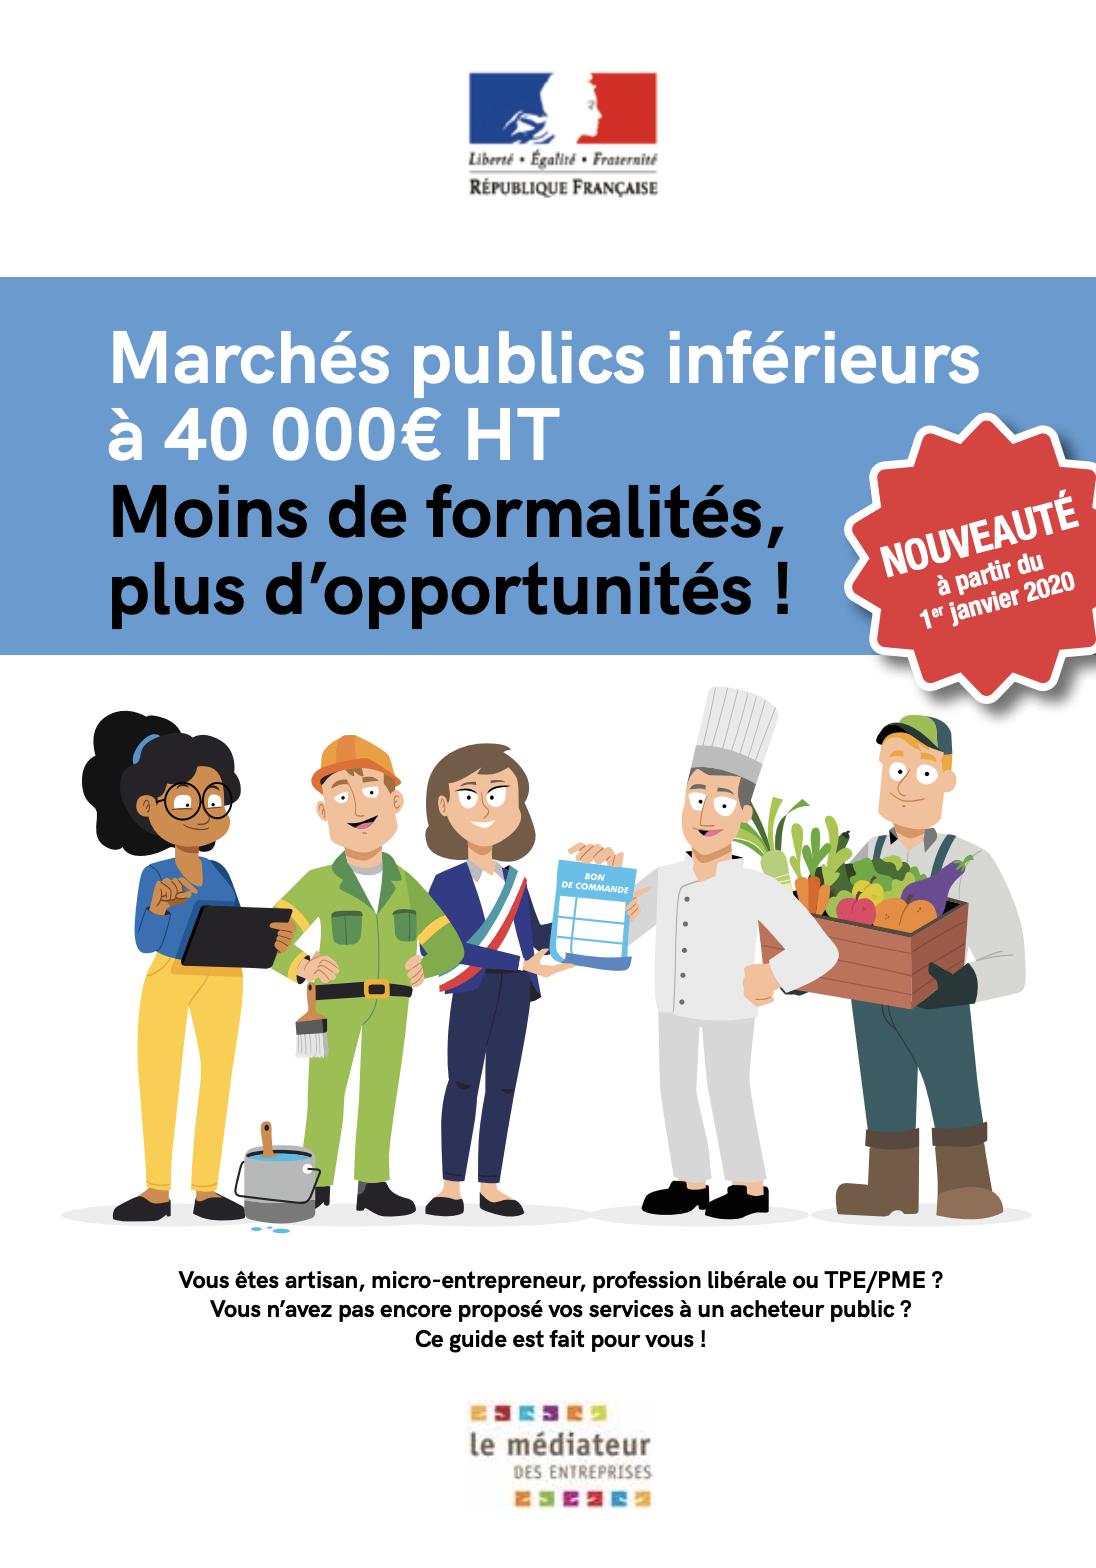 Marchés publics de moins de 40 000 € : moins de formalités, plus d'opportunités pour les artisans